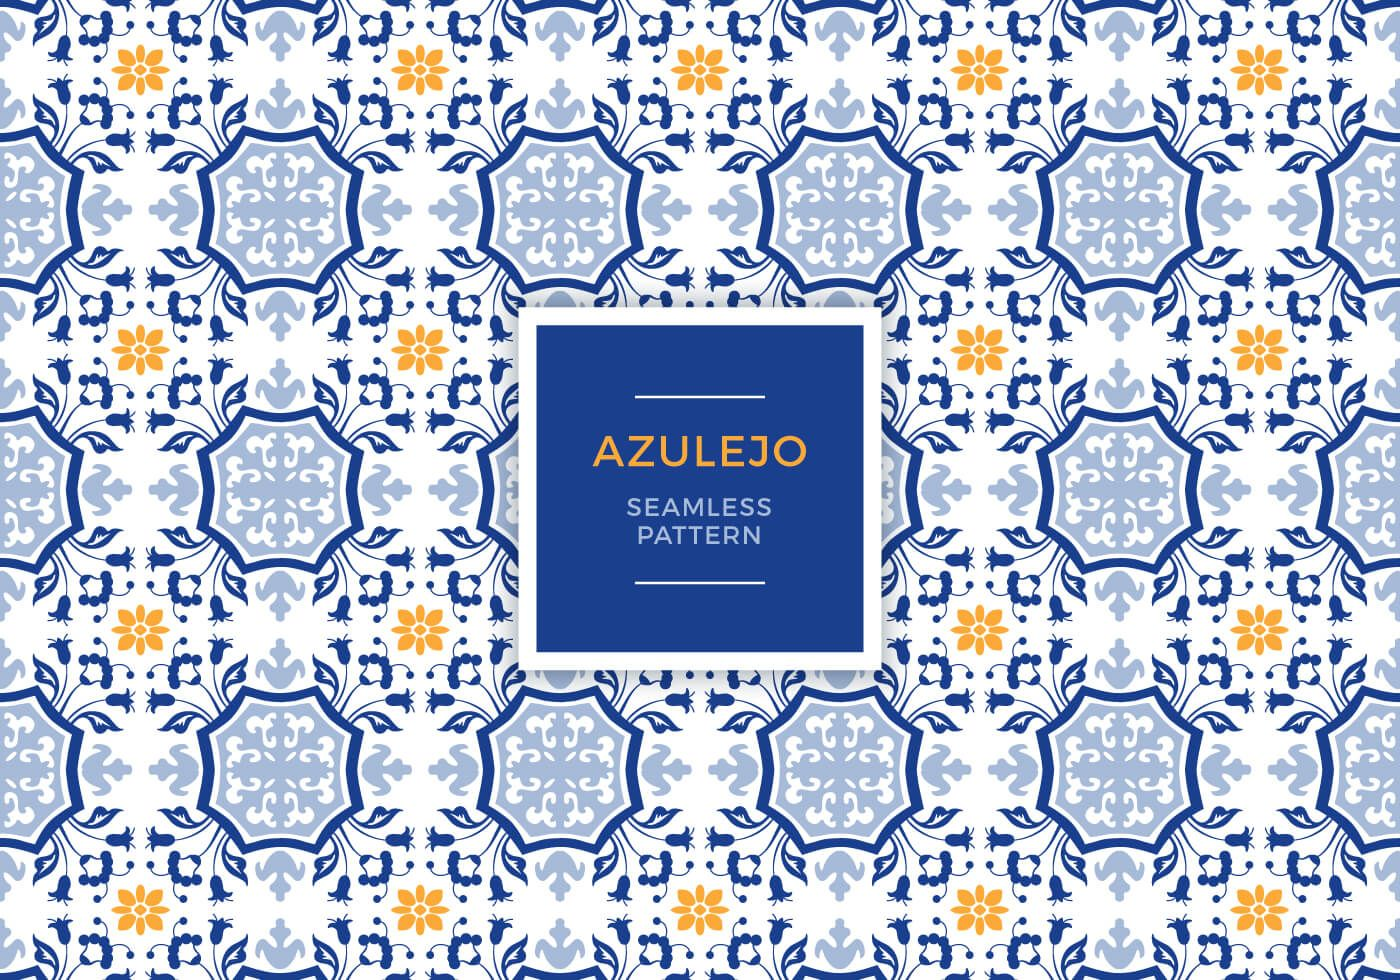 Azulejo Seamless Pattern Vector Graphic U2014 Traditional, Decorative,  Portuguese, Decoration, Ornamental,